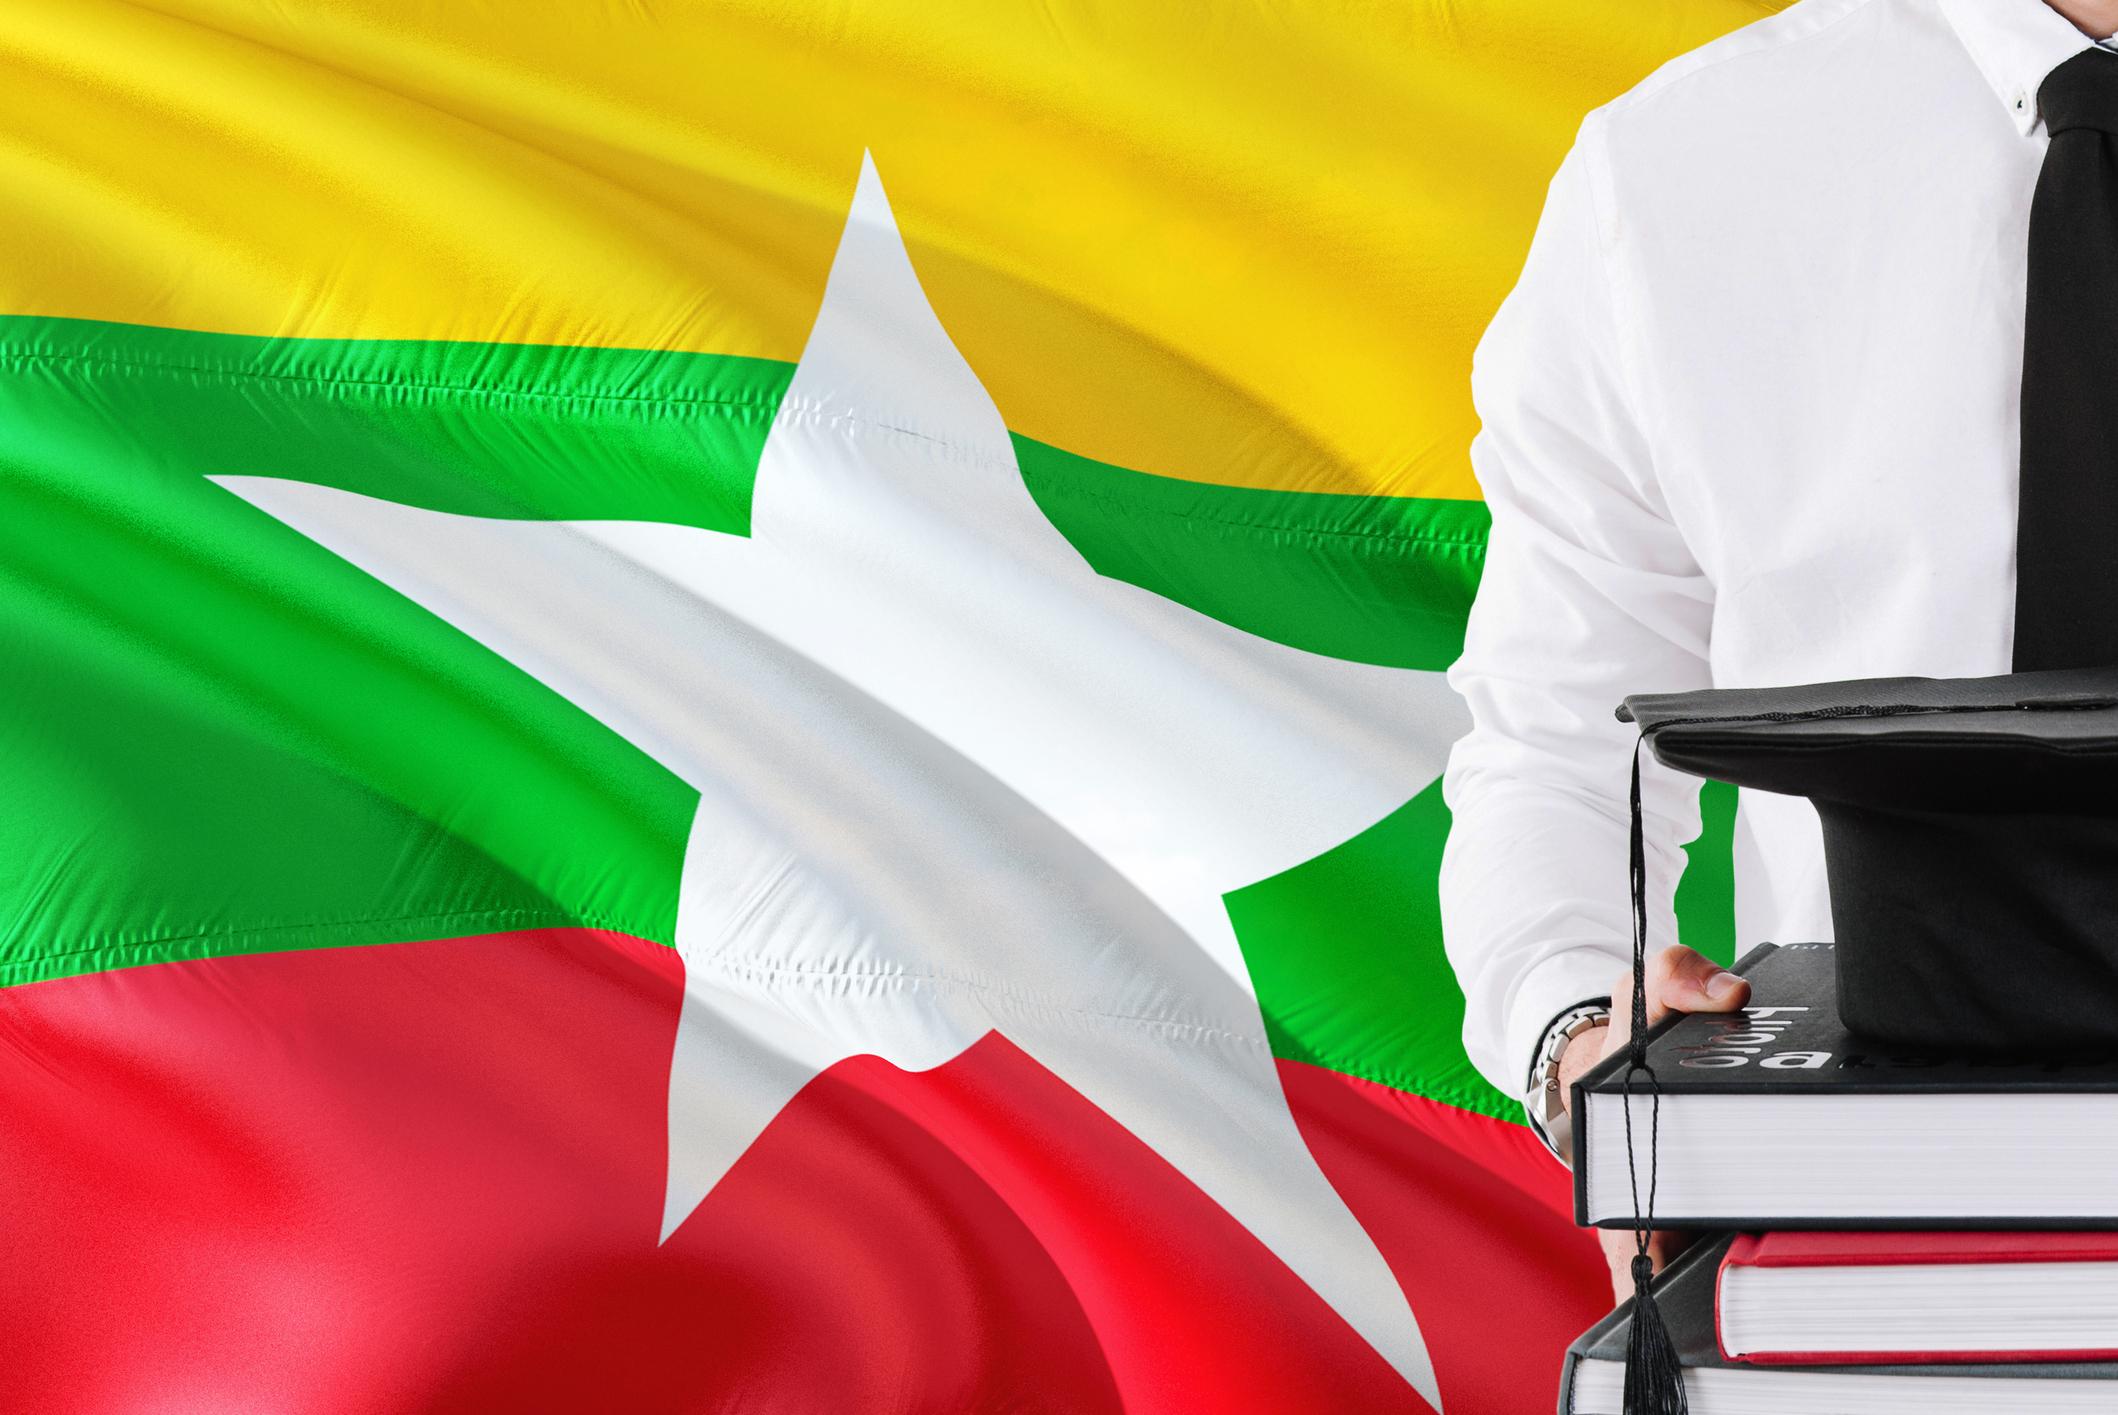 【ミャンマー語】カスタマーサポートのお仕事、ミャンマーに進出予定あり!@大阪勤務